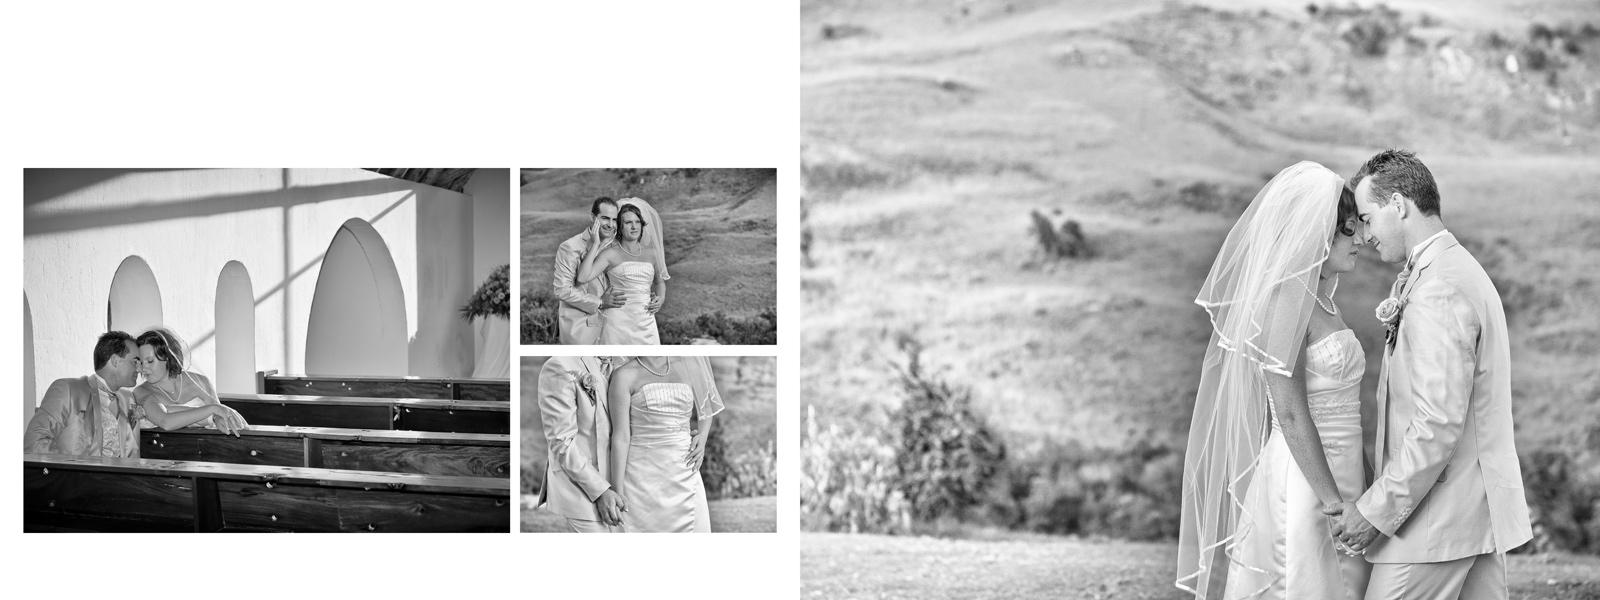 Nathalie Boucry Photography | Charlene and Craig Wedding Album 019